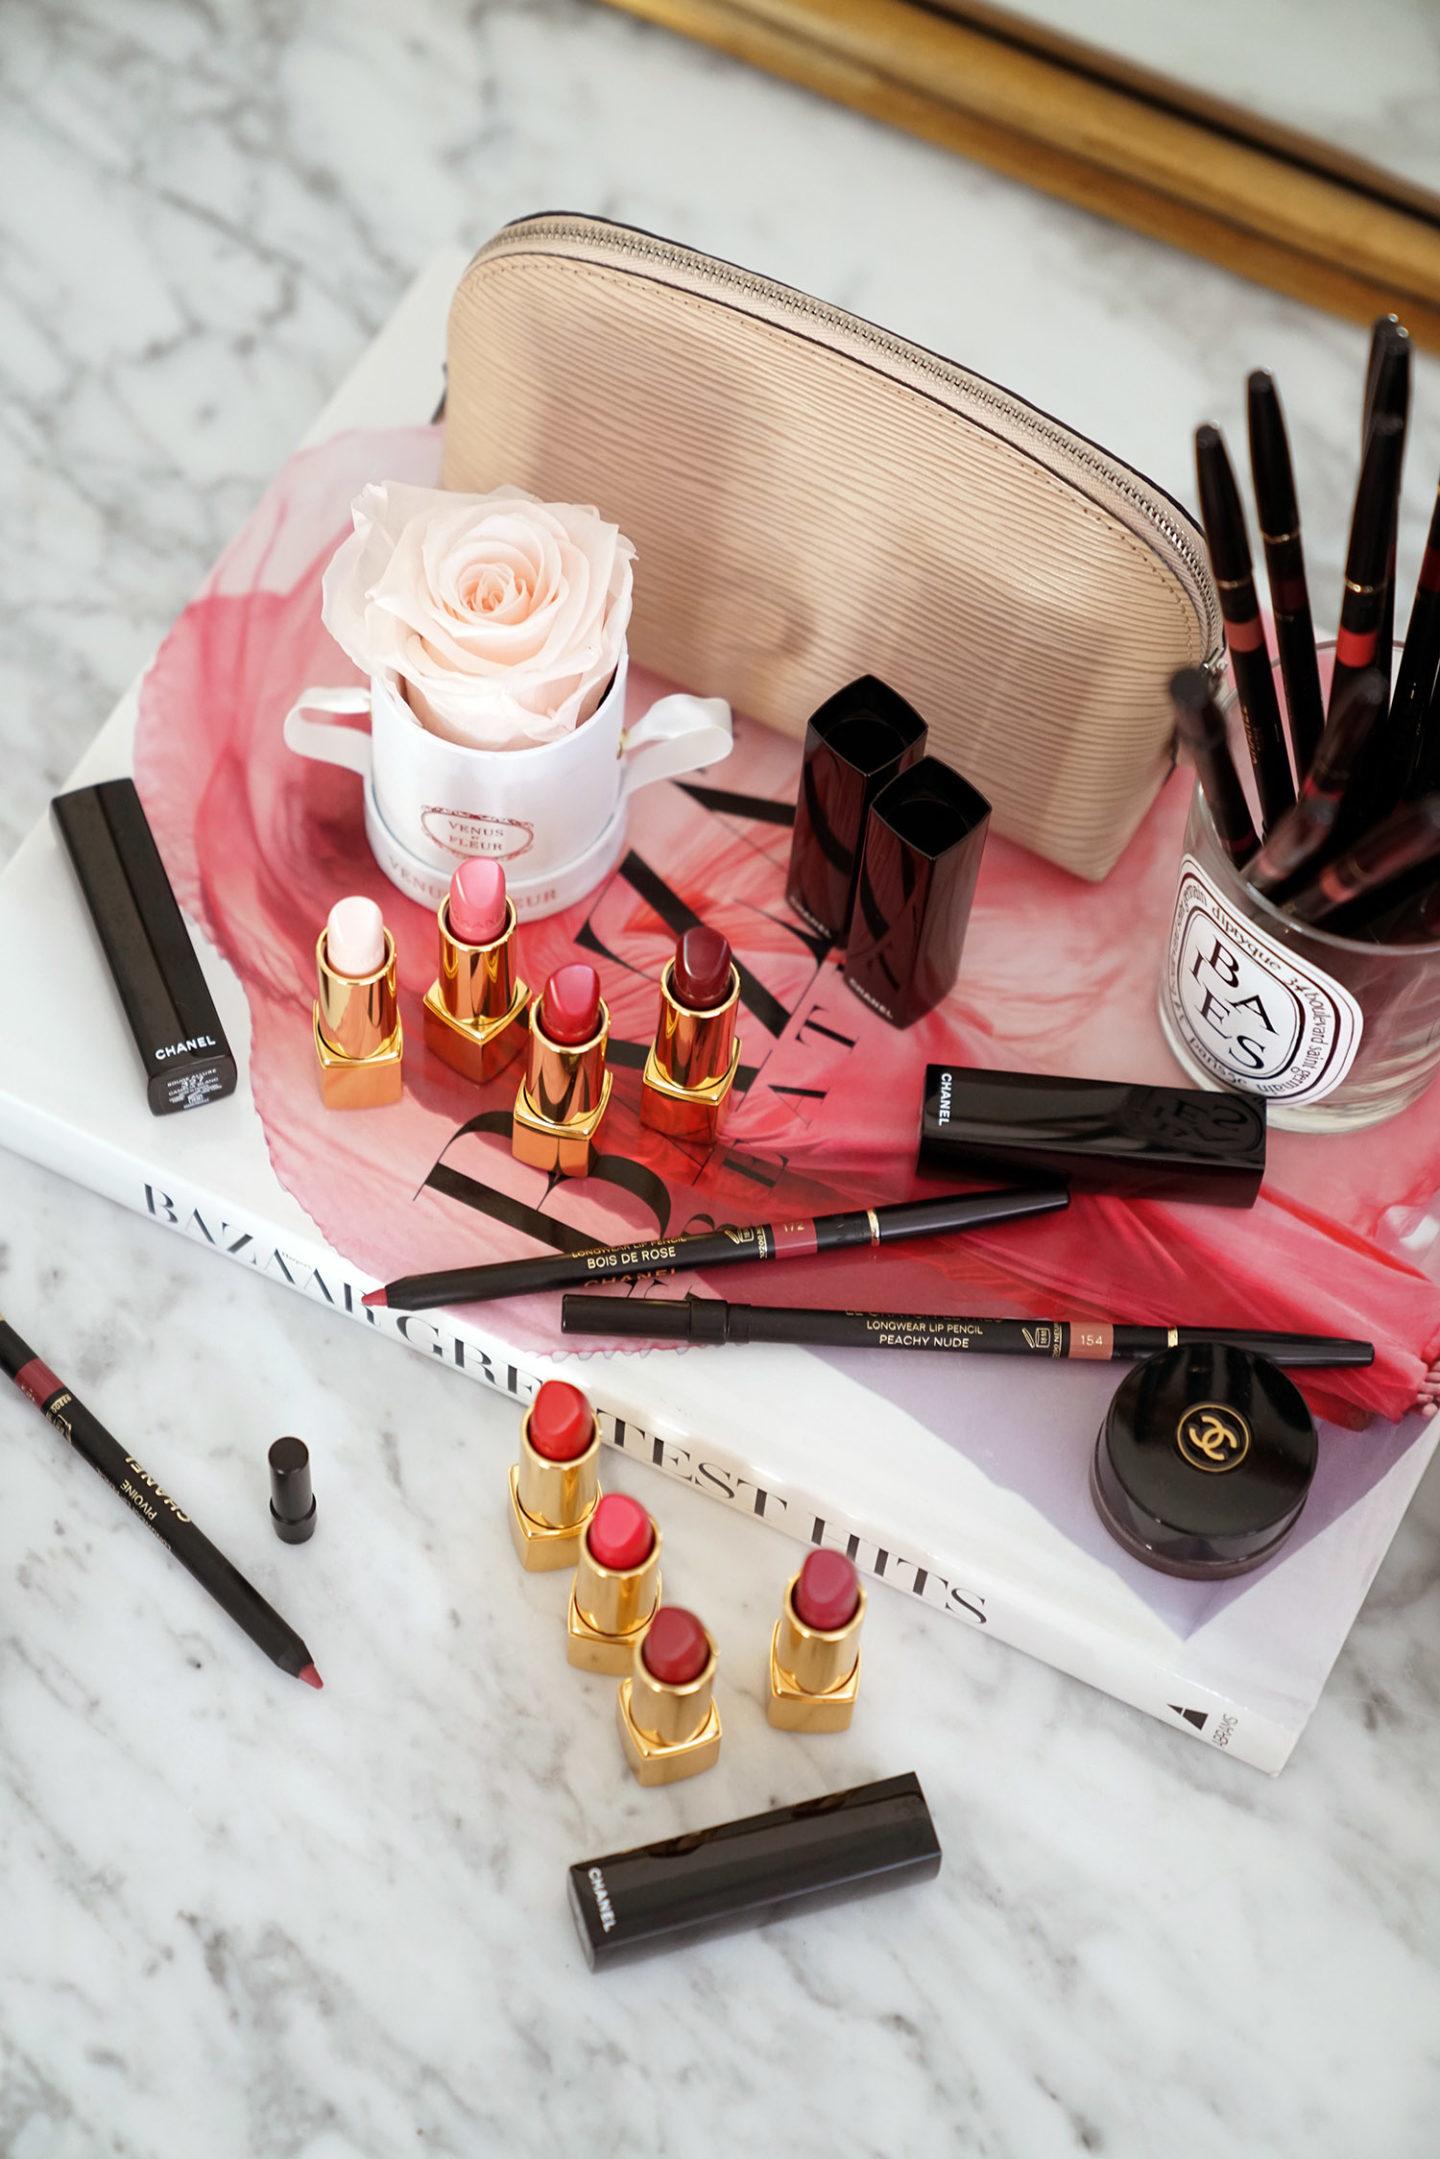 Critique de Chanel Rouge Allure Camelia et du nouveau crayon à lèvres